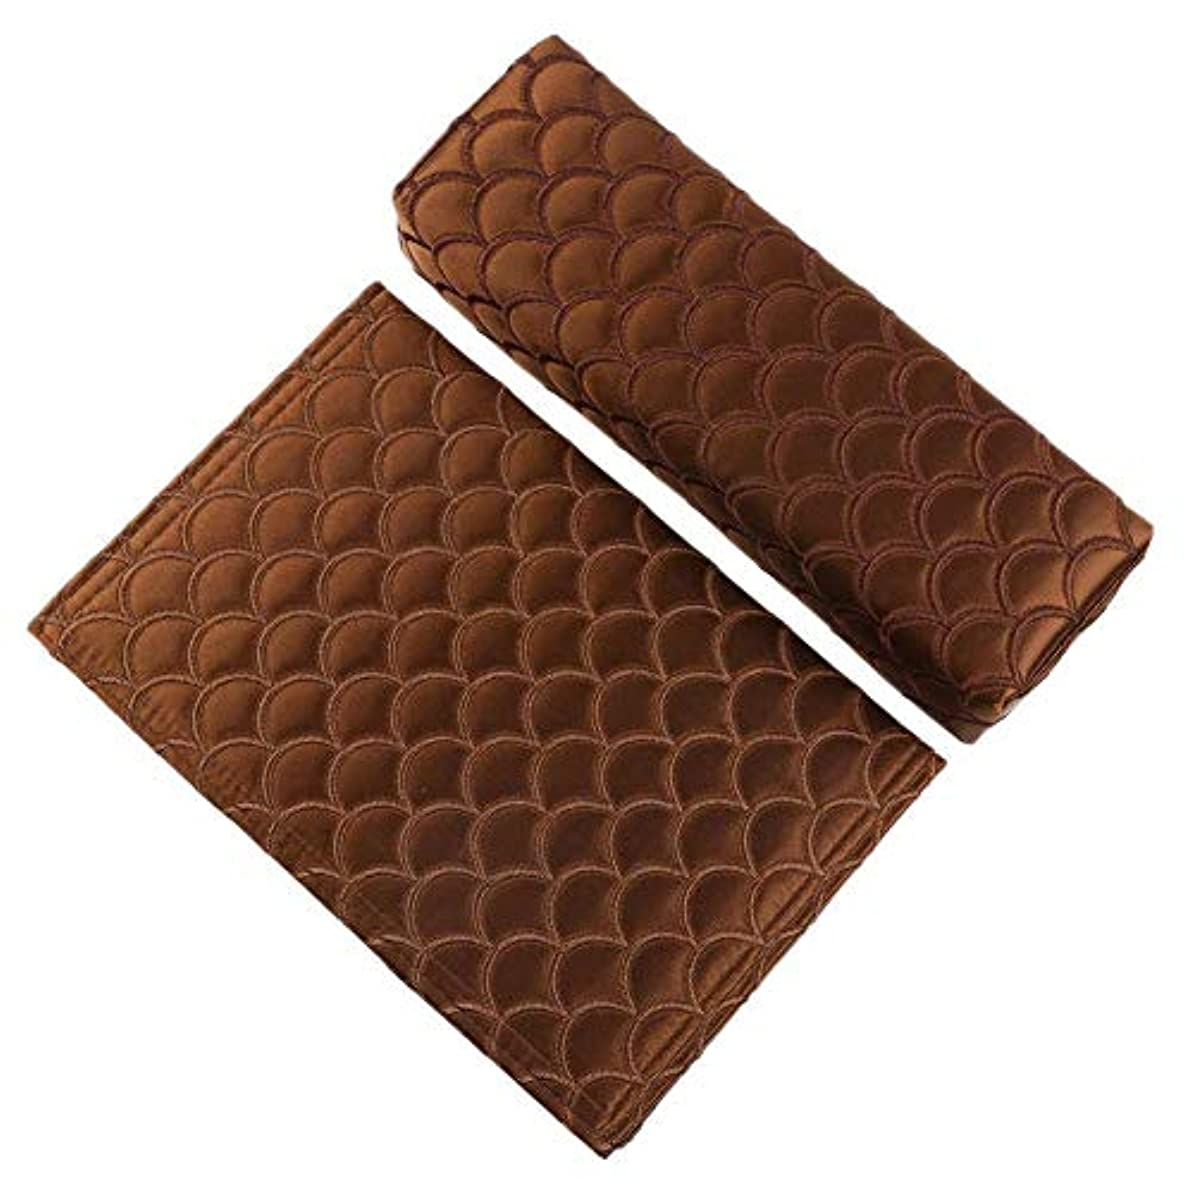 ネブメッセンジャー珍しい6色2個折り畳み式の絶妙なソフトシルクネイルアートハンドピロー-アームレストマニキュアサロン用の高温耐性高品質ハンドクッション(06)